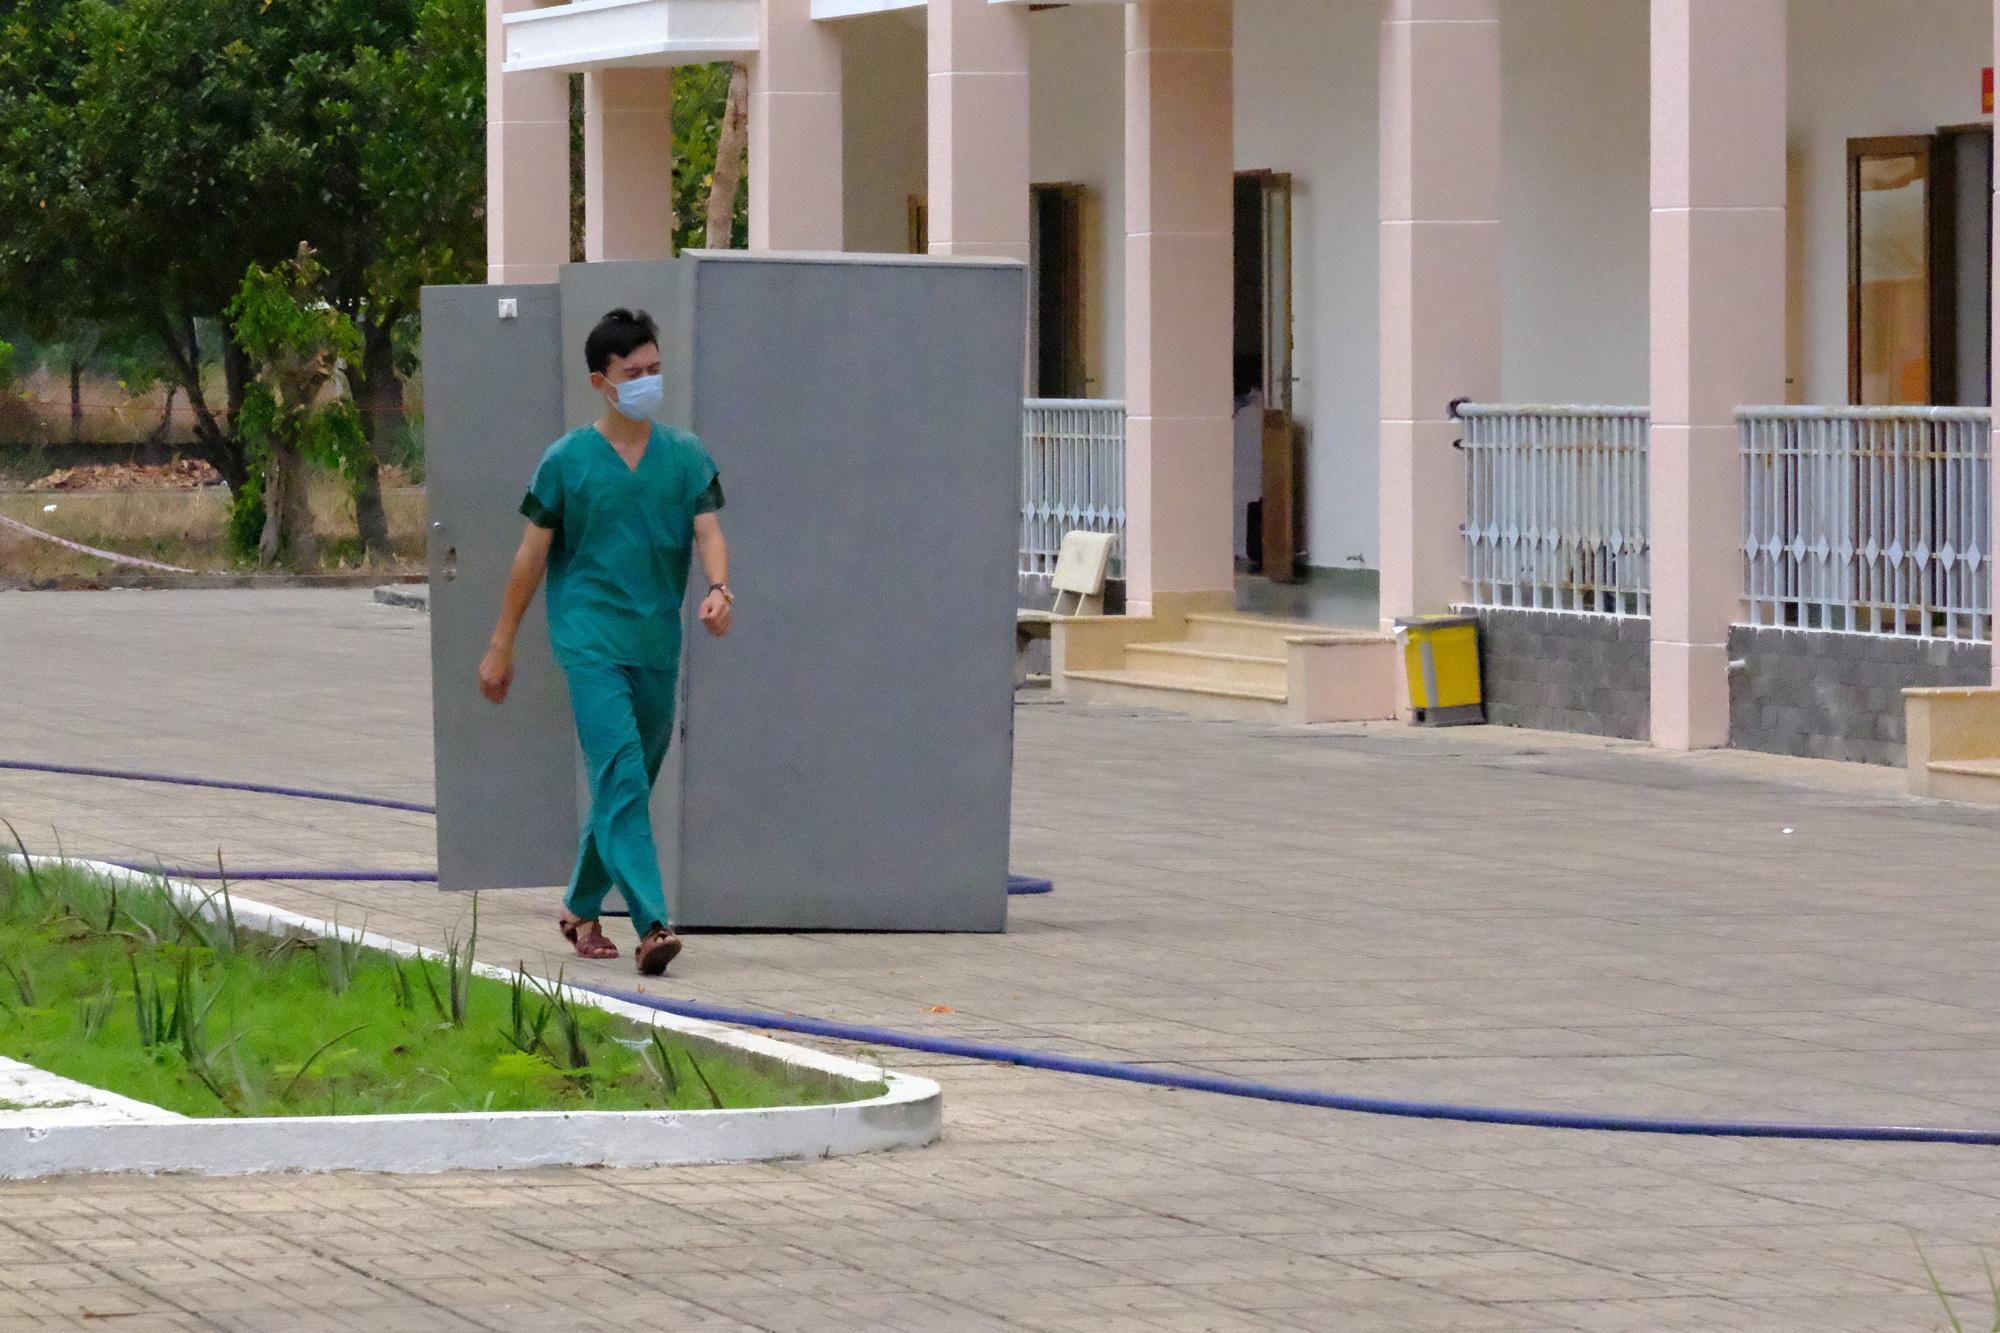 Khẩn: TP.HCM tạm ngưng hoạt động các phòng khám tư, cơ sở phẫu thuật thẩm mỹ từ ngày 30/3 - Ảnh 2